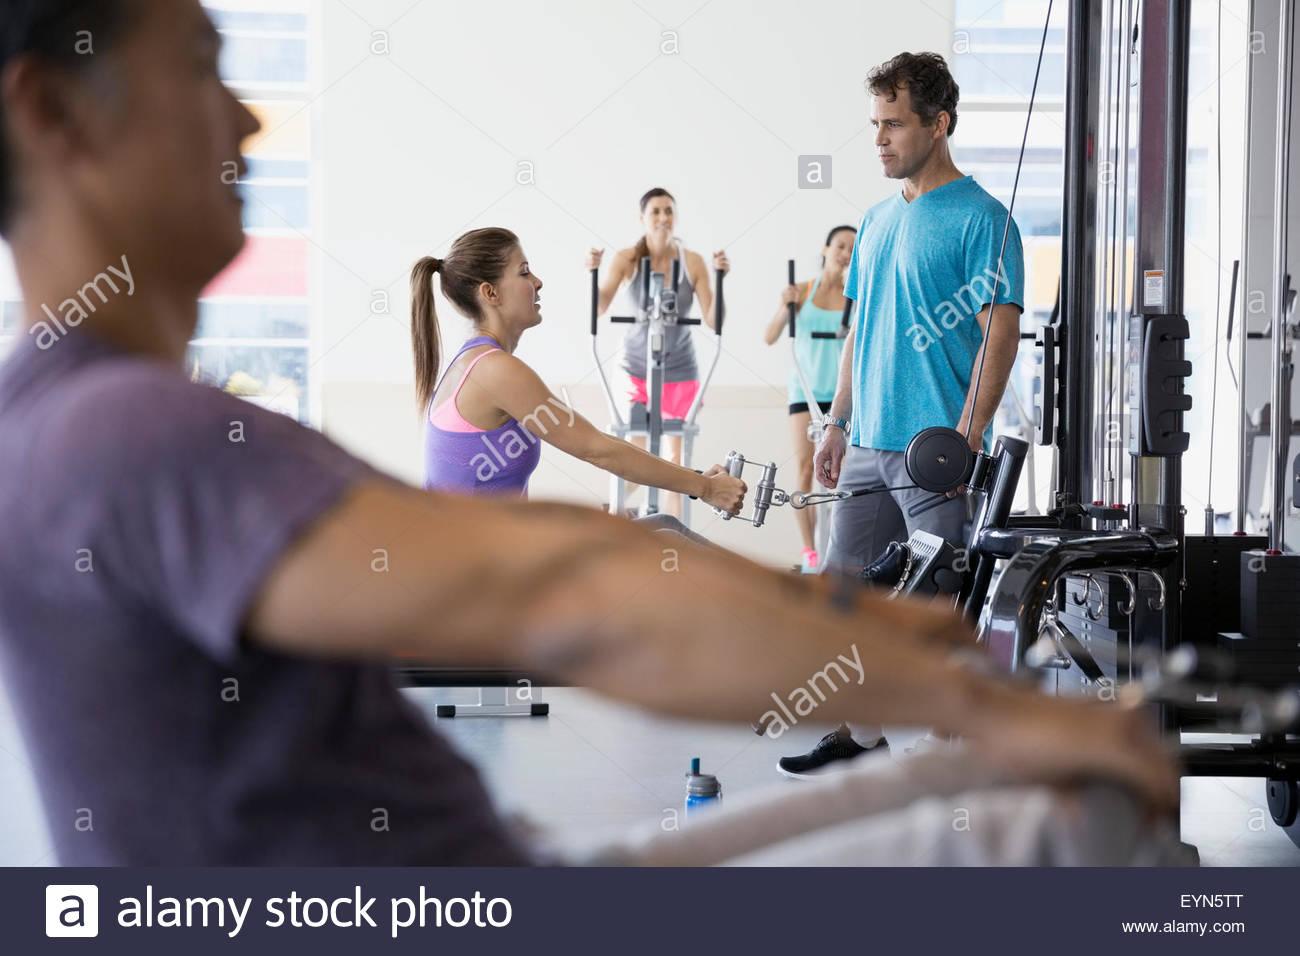 Menschen, die im Fitness-Studio trainieren Stockbild